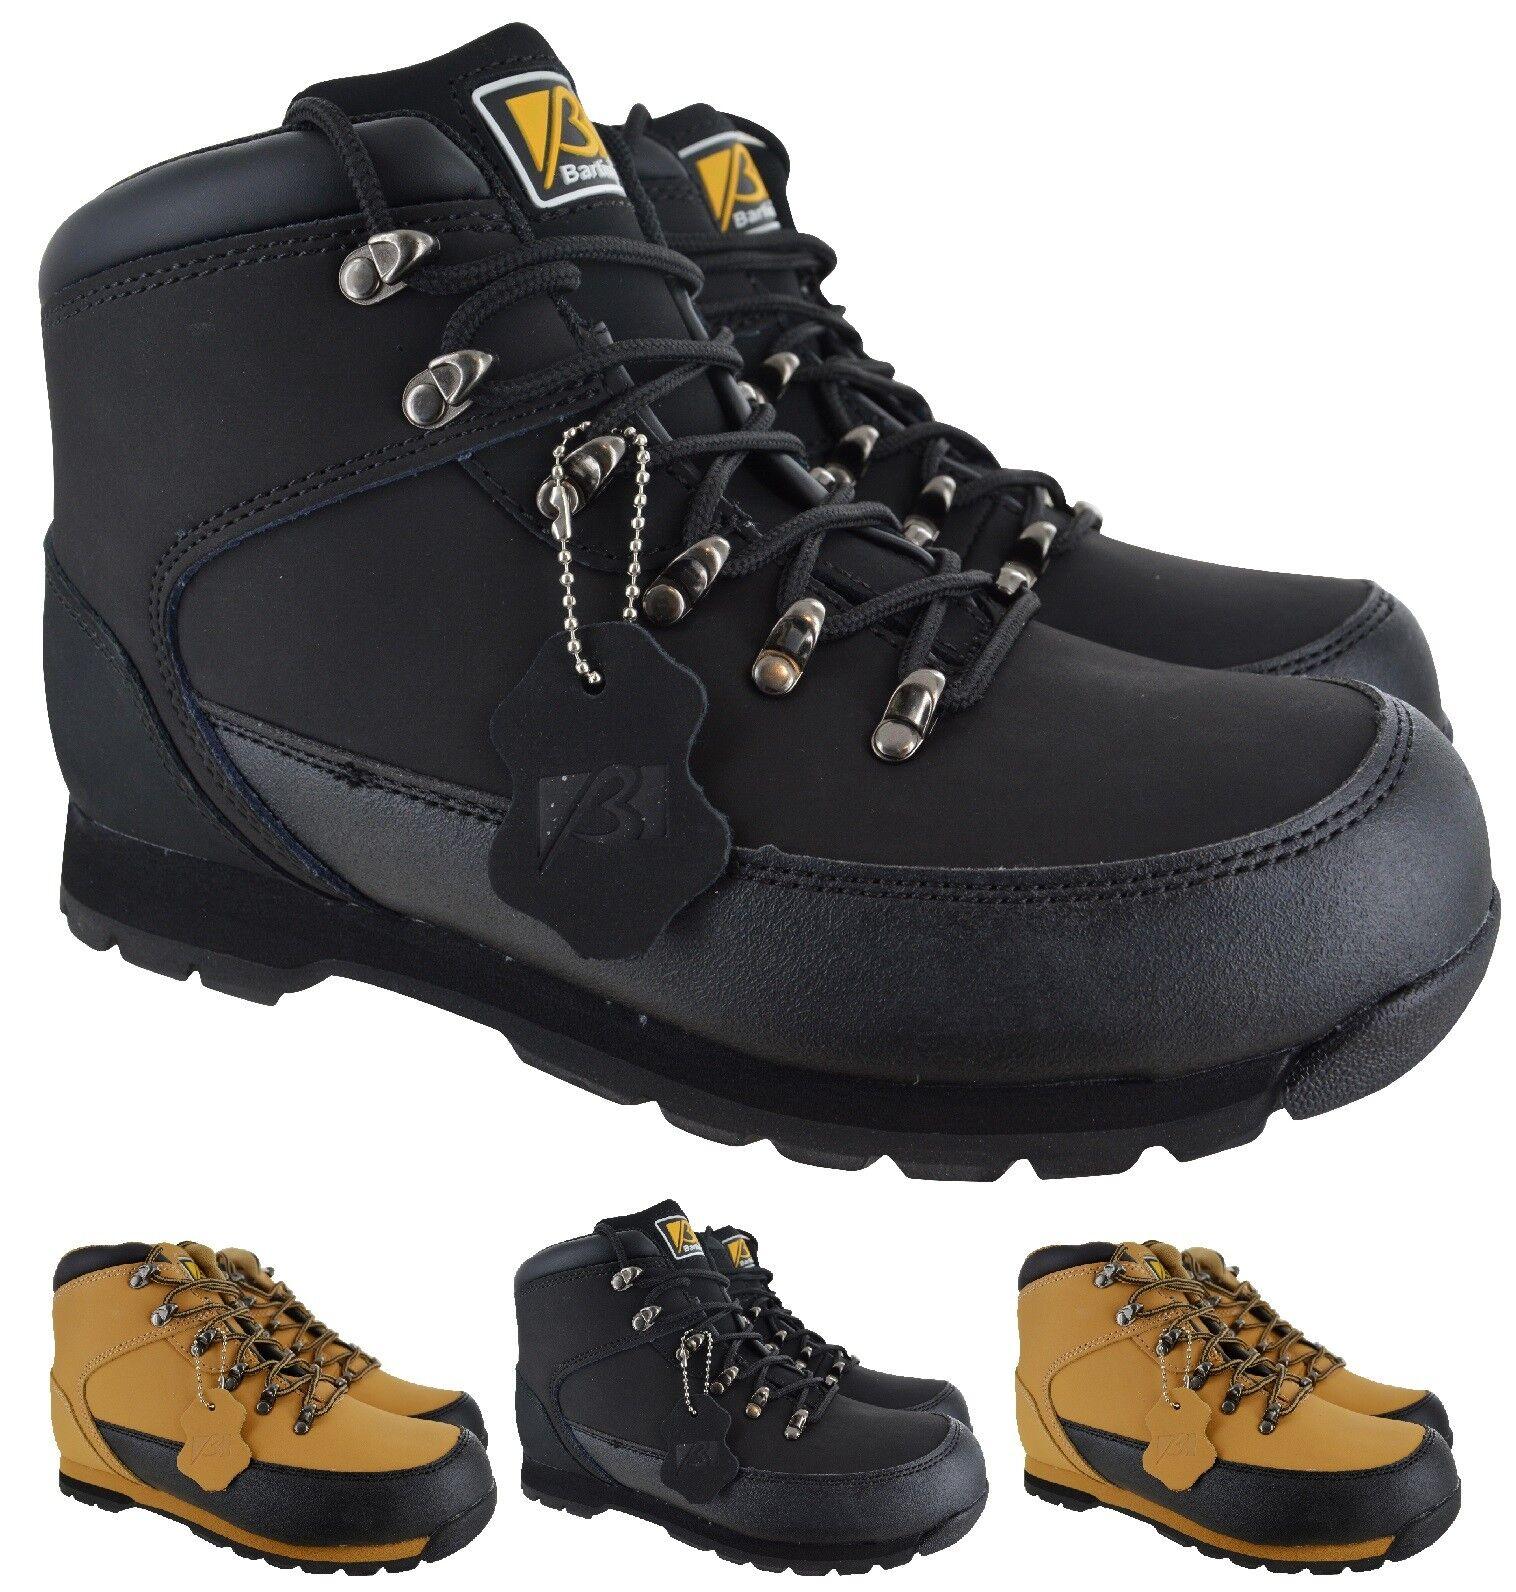 Da Uomo in Pelle Sicurezza Lavoro Stivali Acciaio Punta   Trainer escursionista Taglia 6-12 vendita